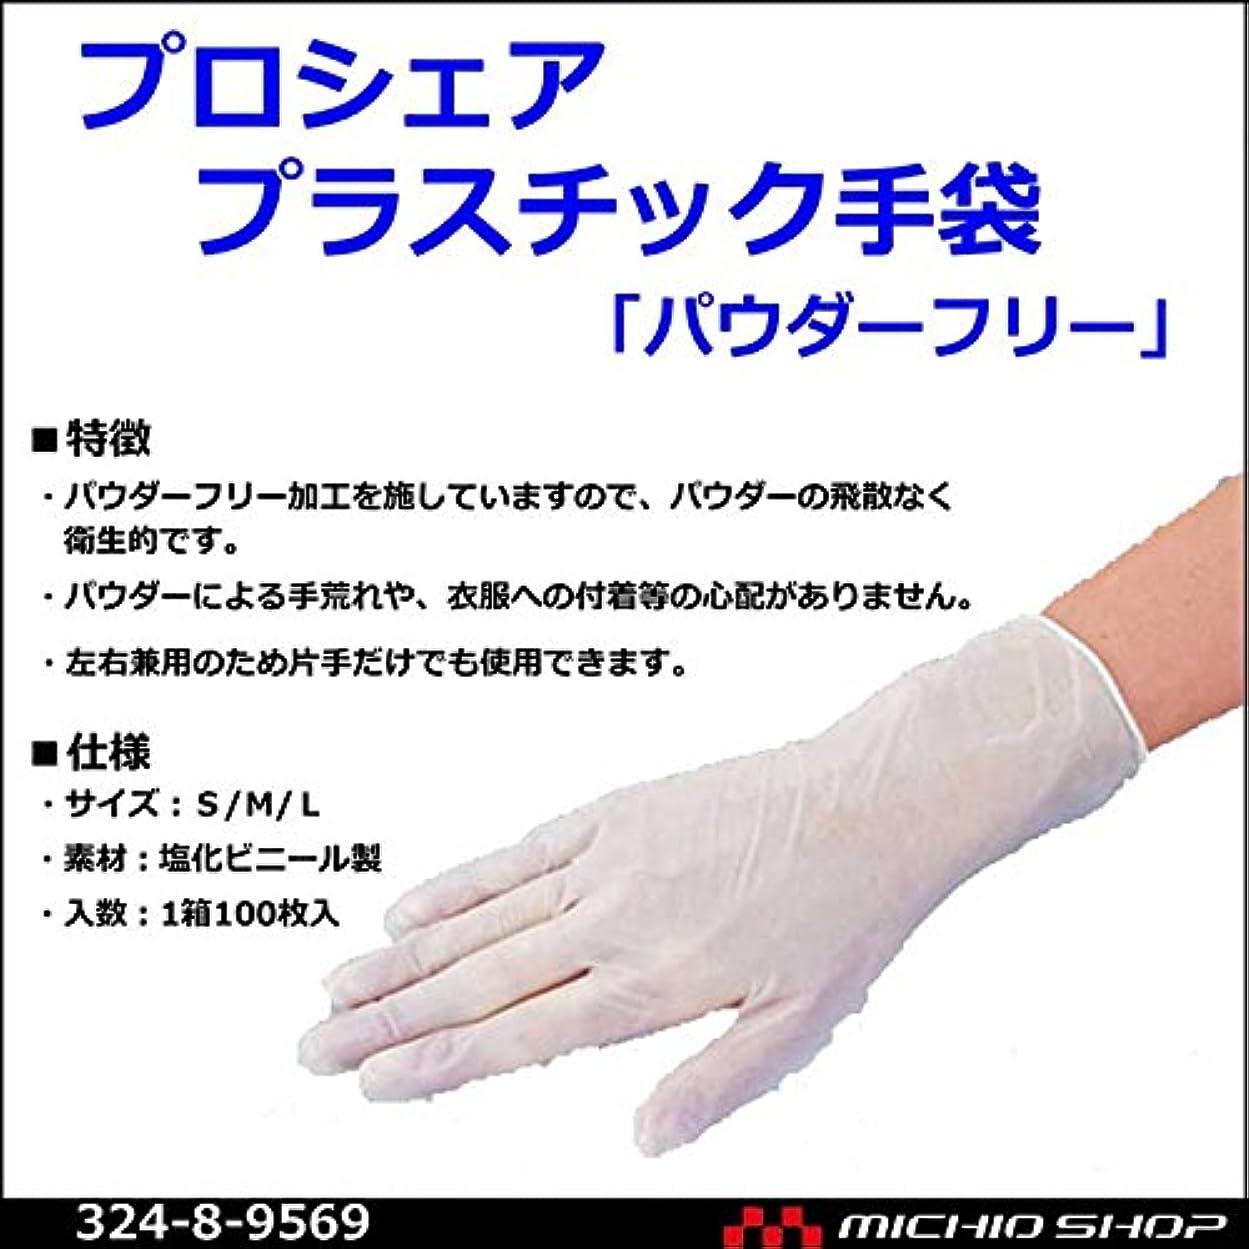 るセンサーデンプシーアズワン プロシェアプラスチック手袋 100枚入 8-9569 04 SS